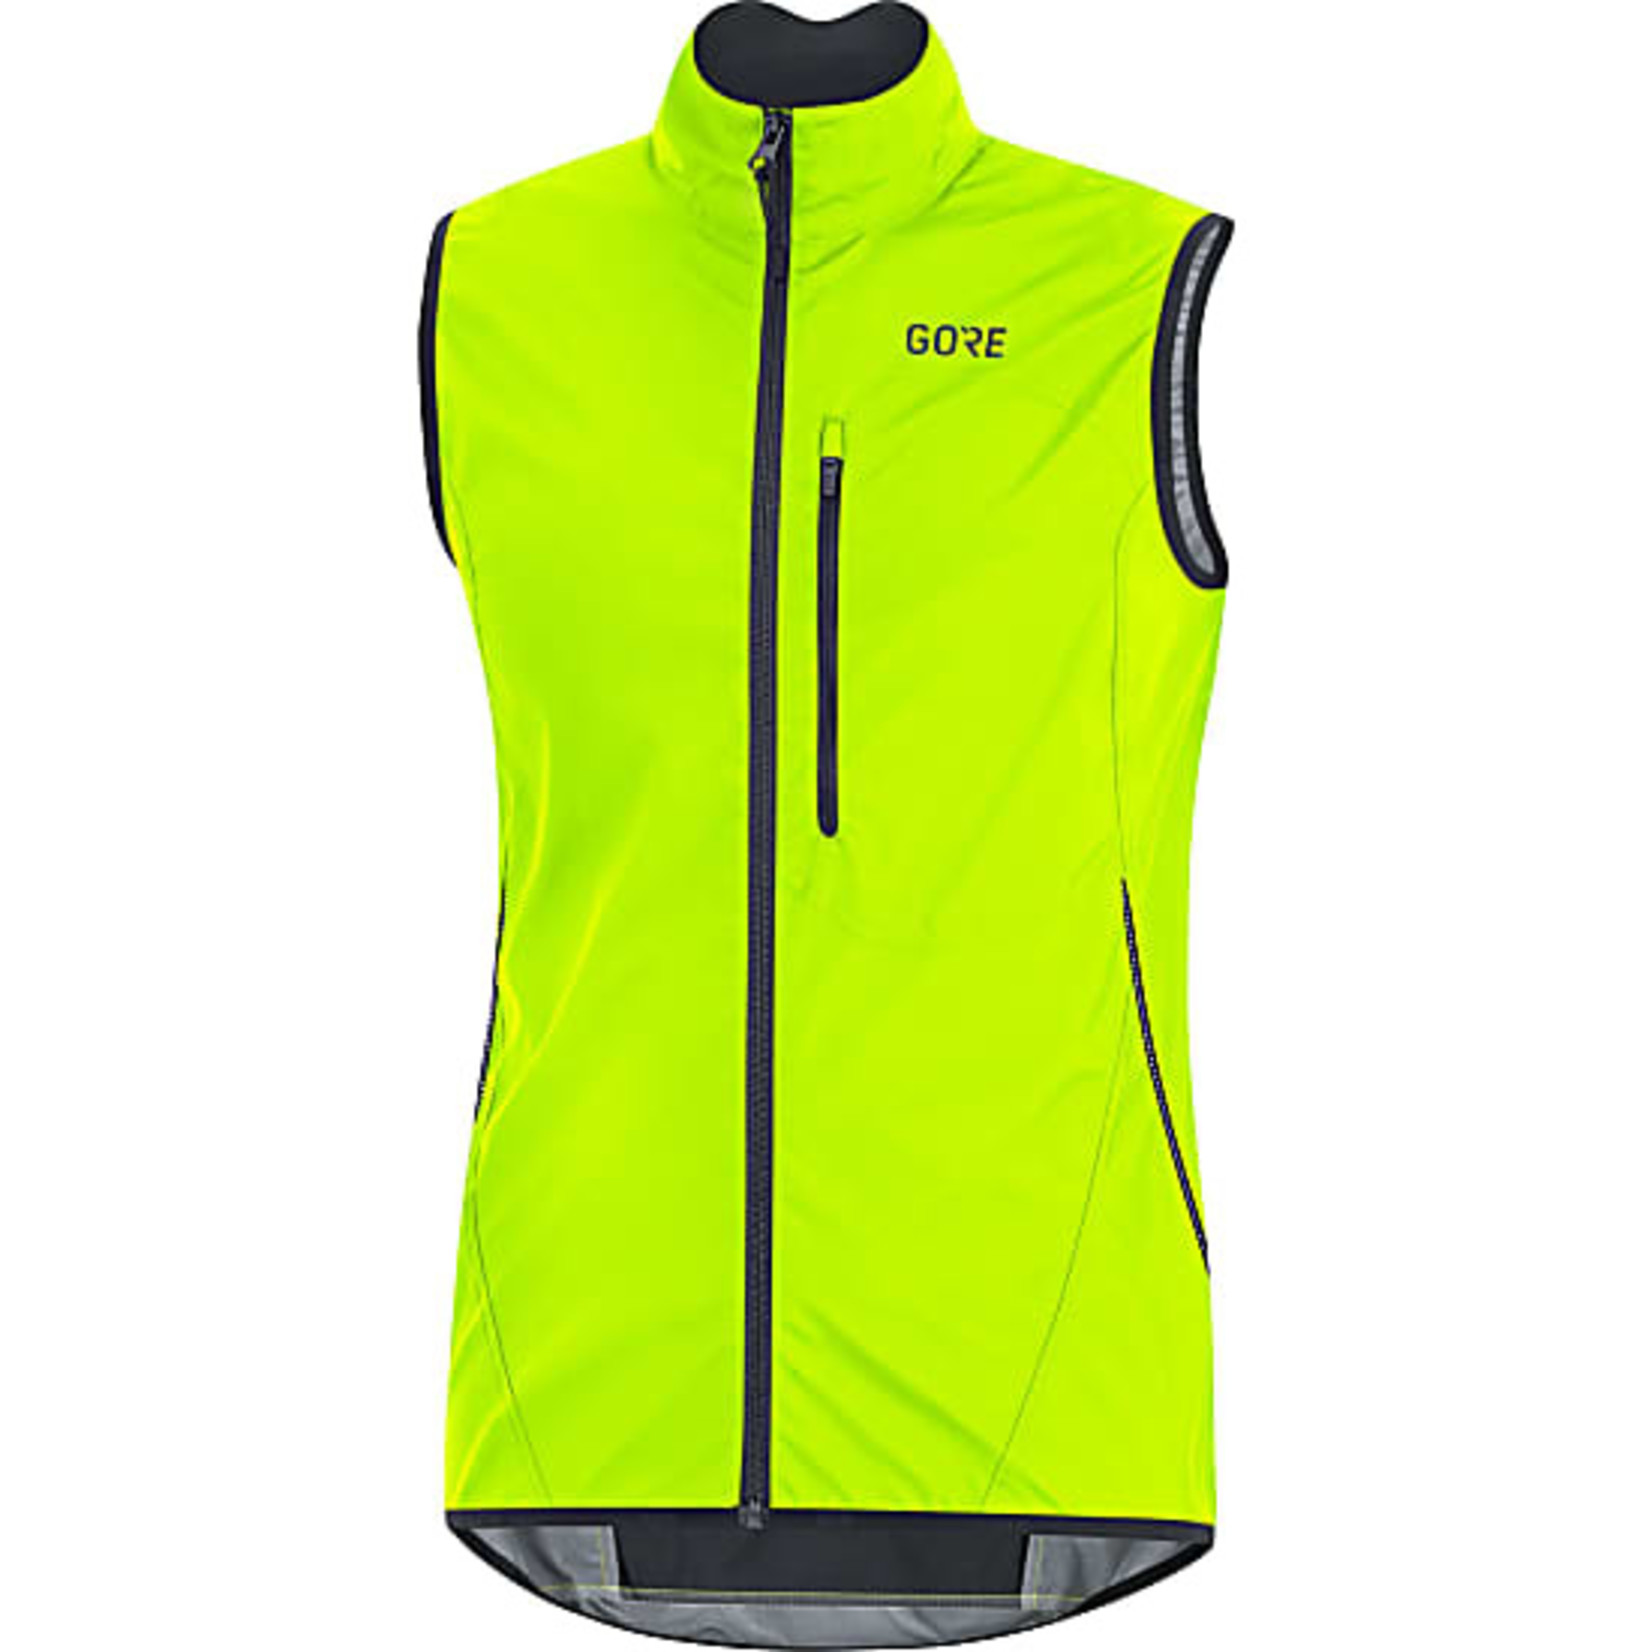 GoreWear GORE GWS C3 Vest